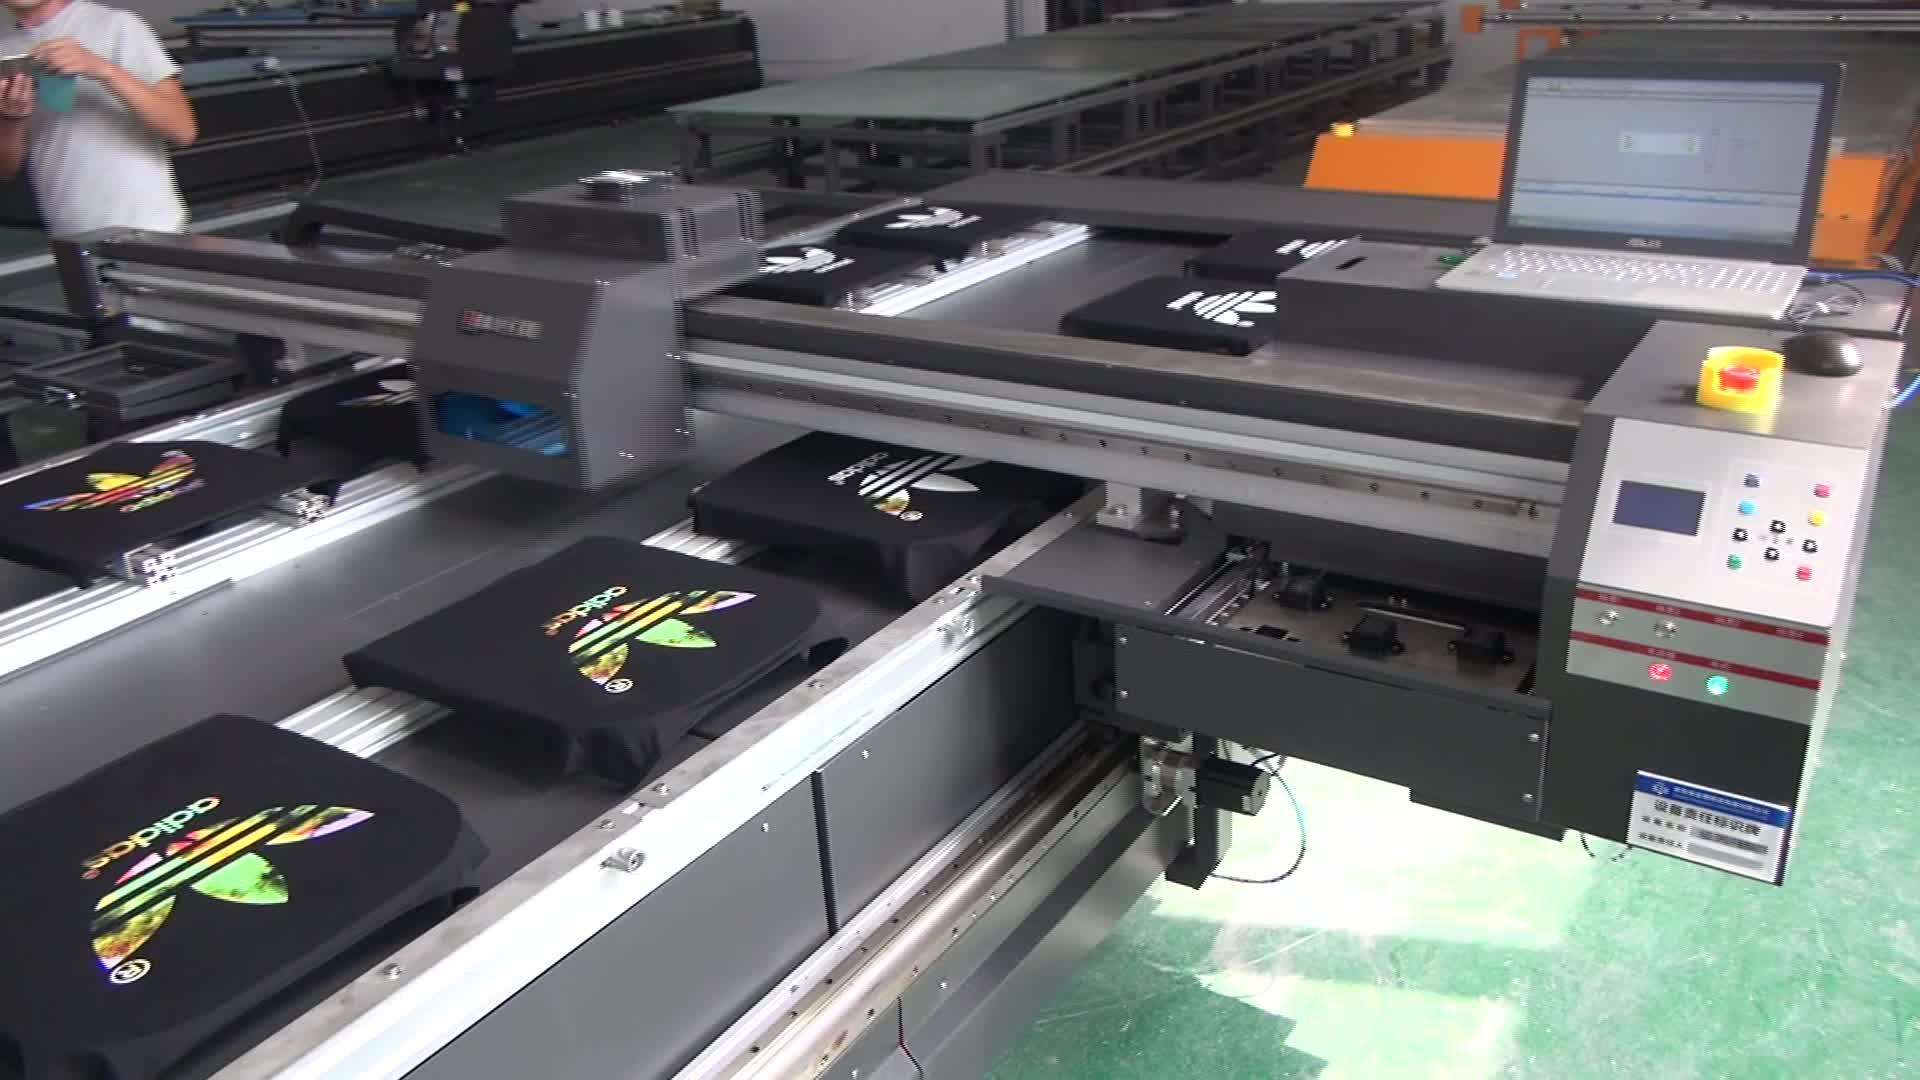 Flatbed Digital Printer